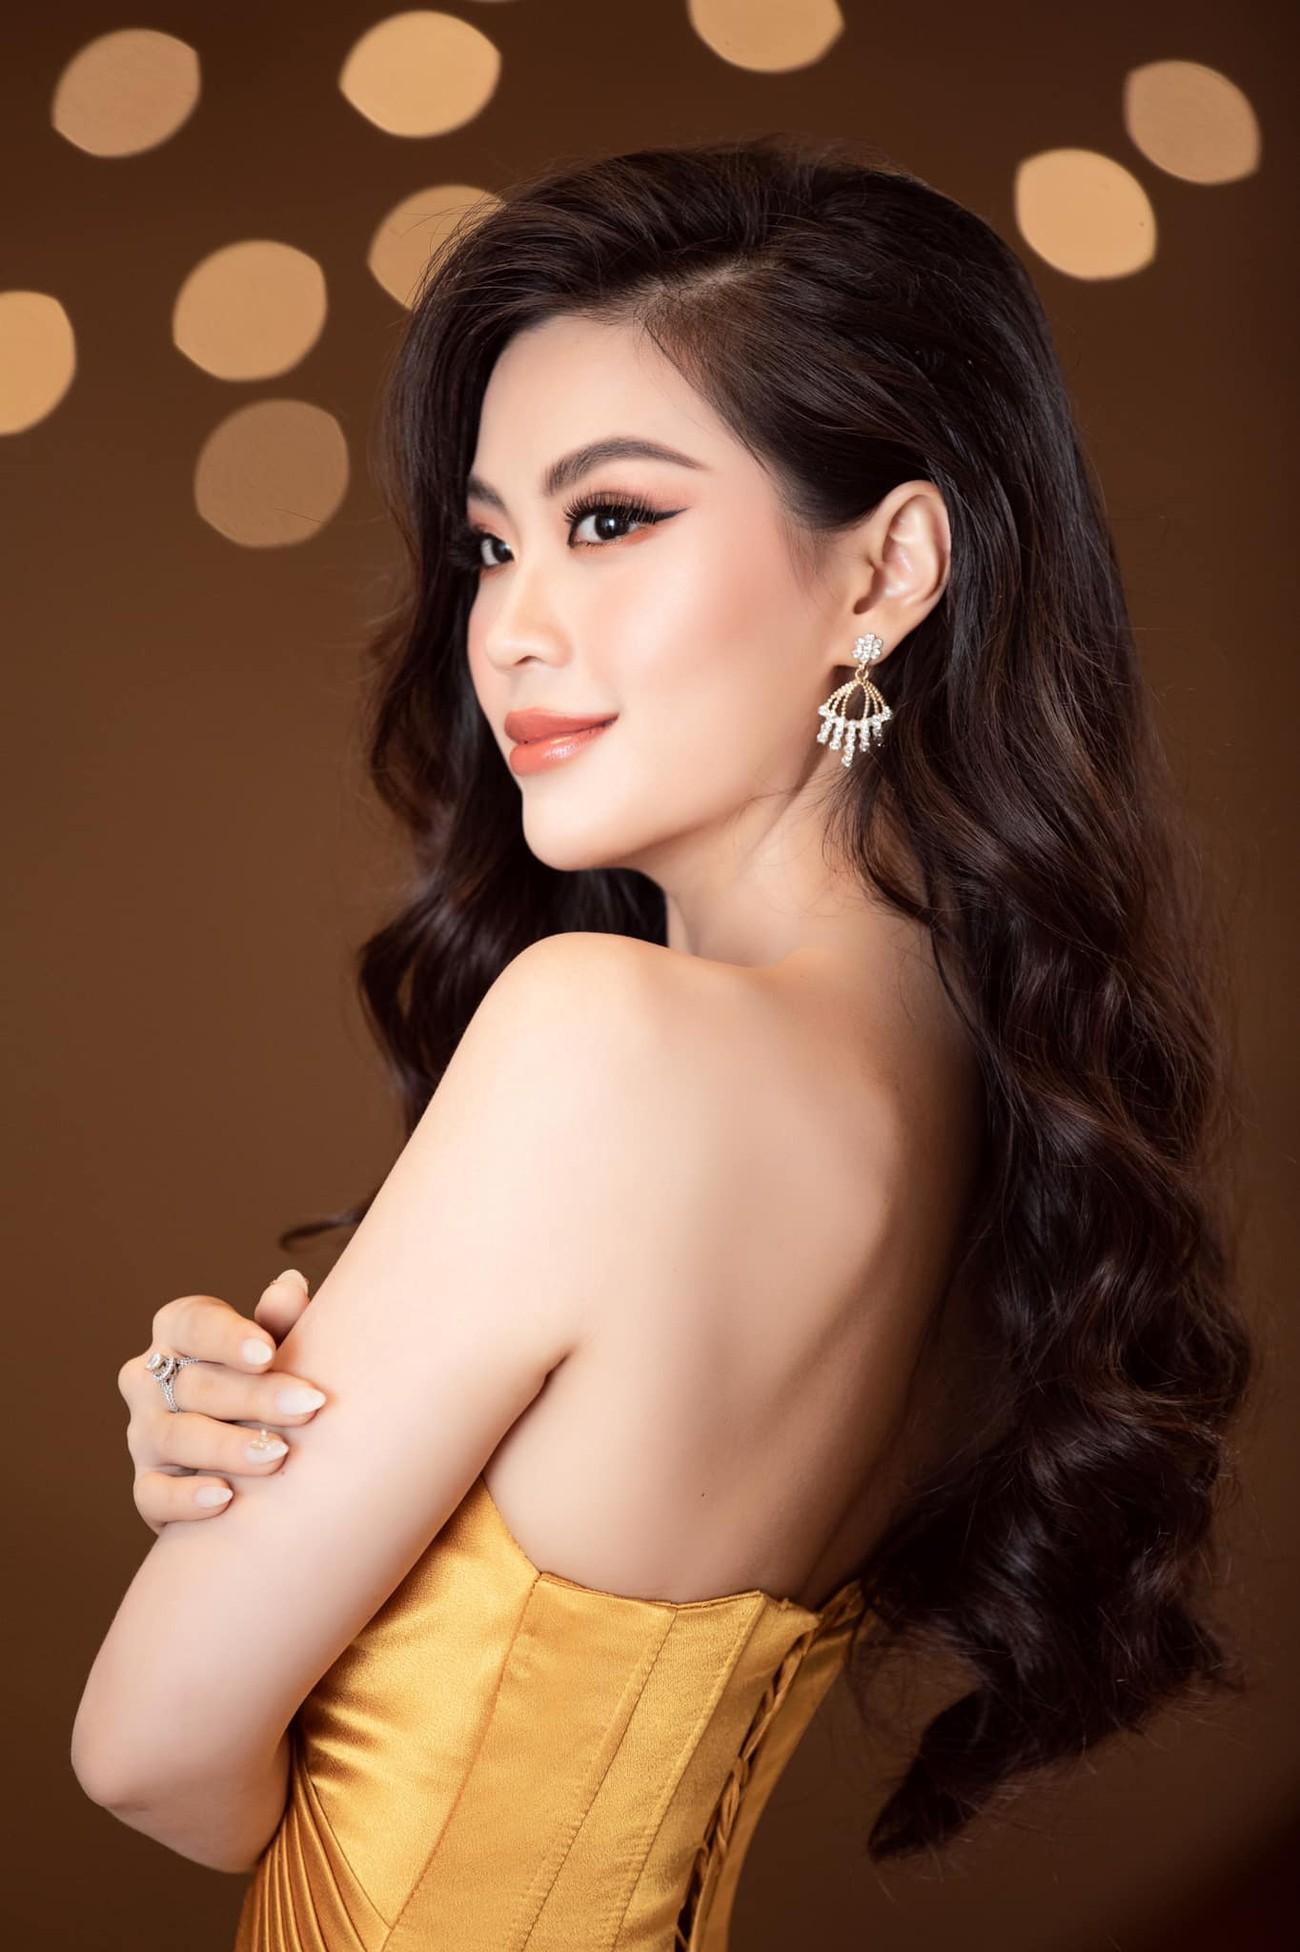 Tiếp tục chinh phục gam màu đỏ, Hoa hậu Đỗ Thị Hà khoe đôi chân 'cực phẩm' ảnh 6